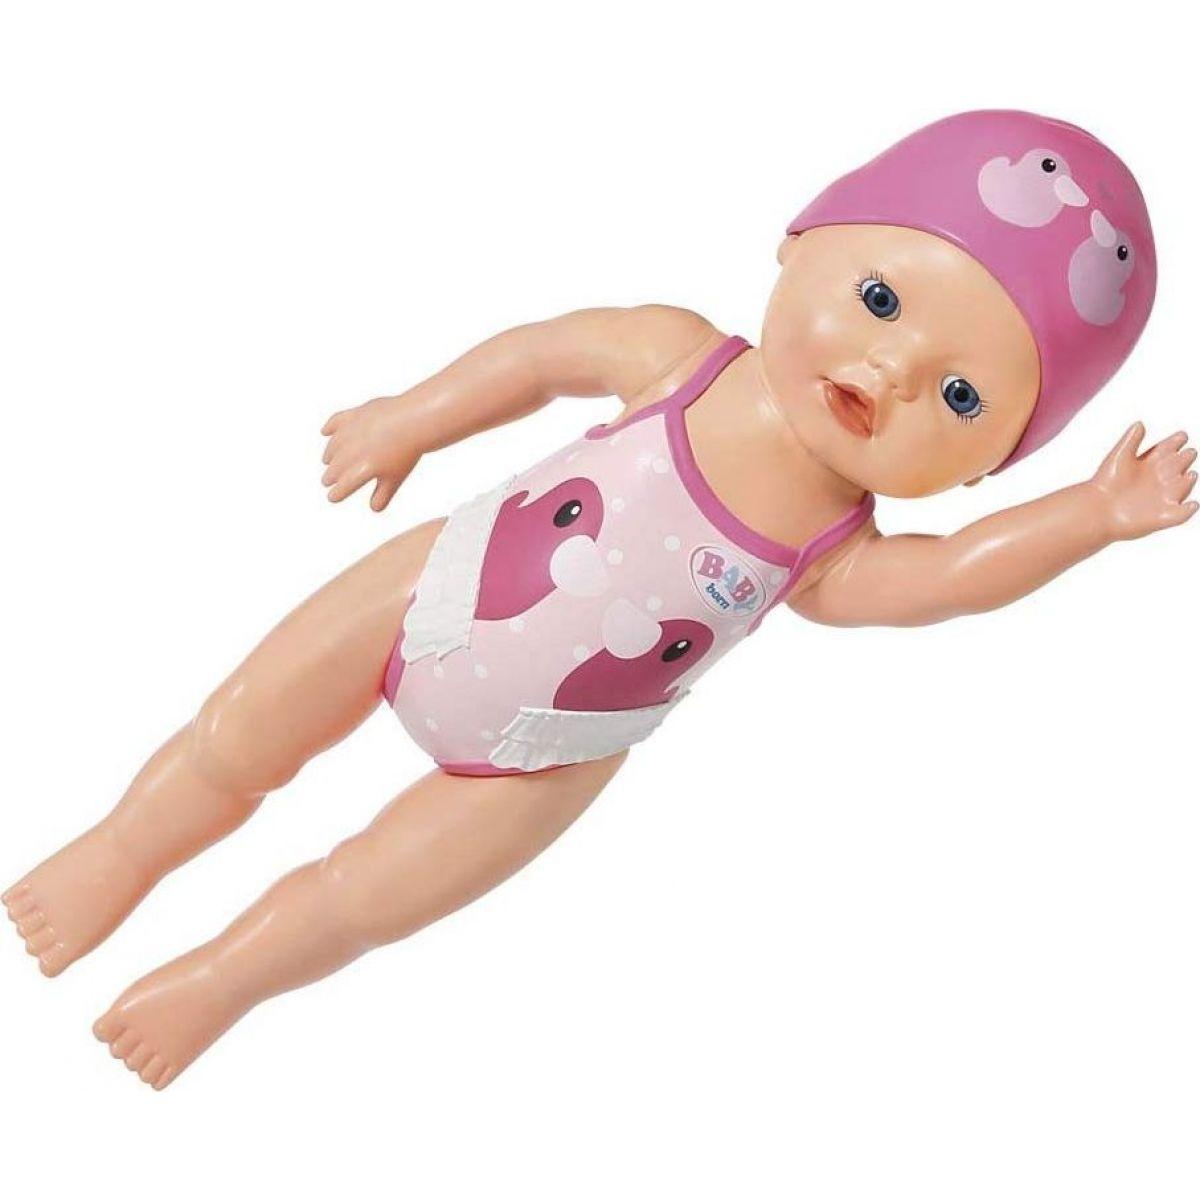 BABY born My First Plaváček, 30 cm